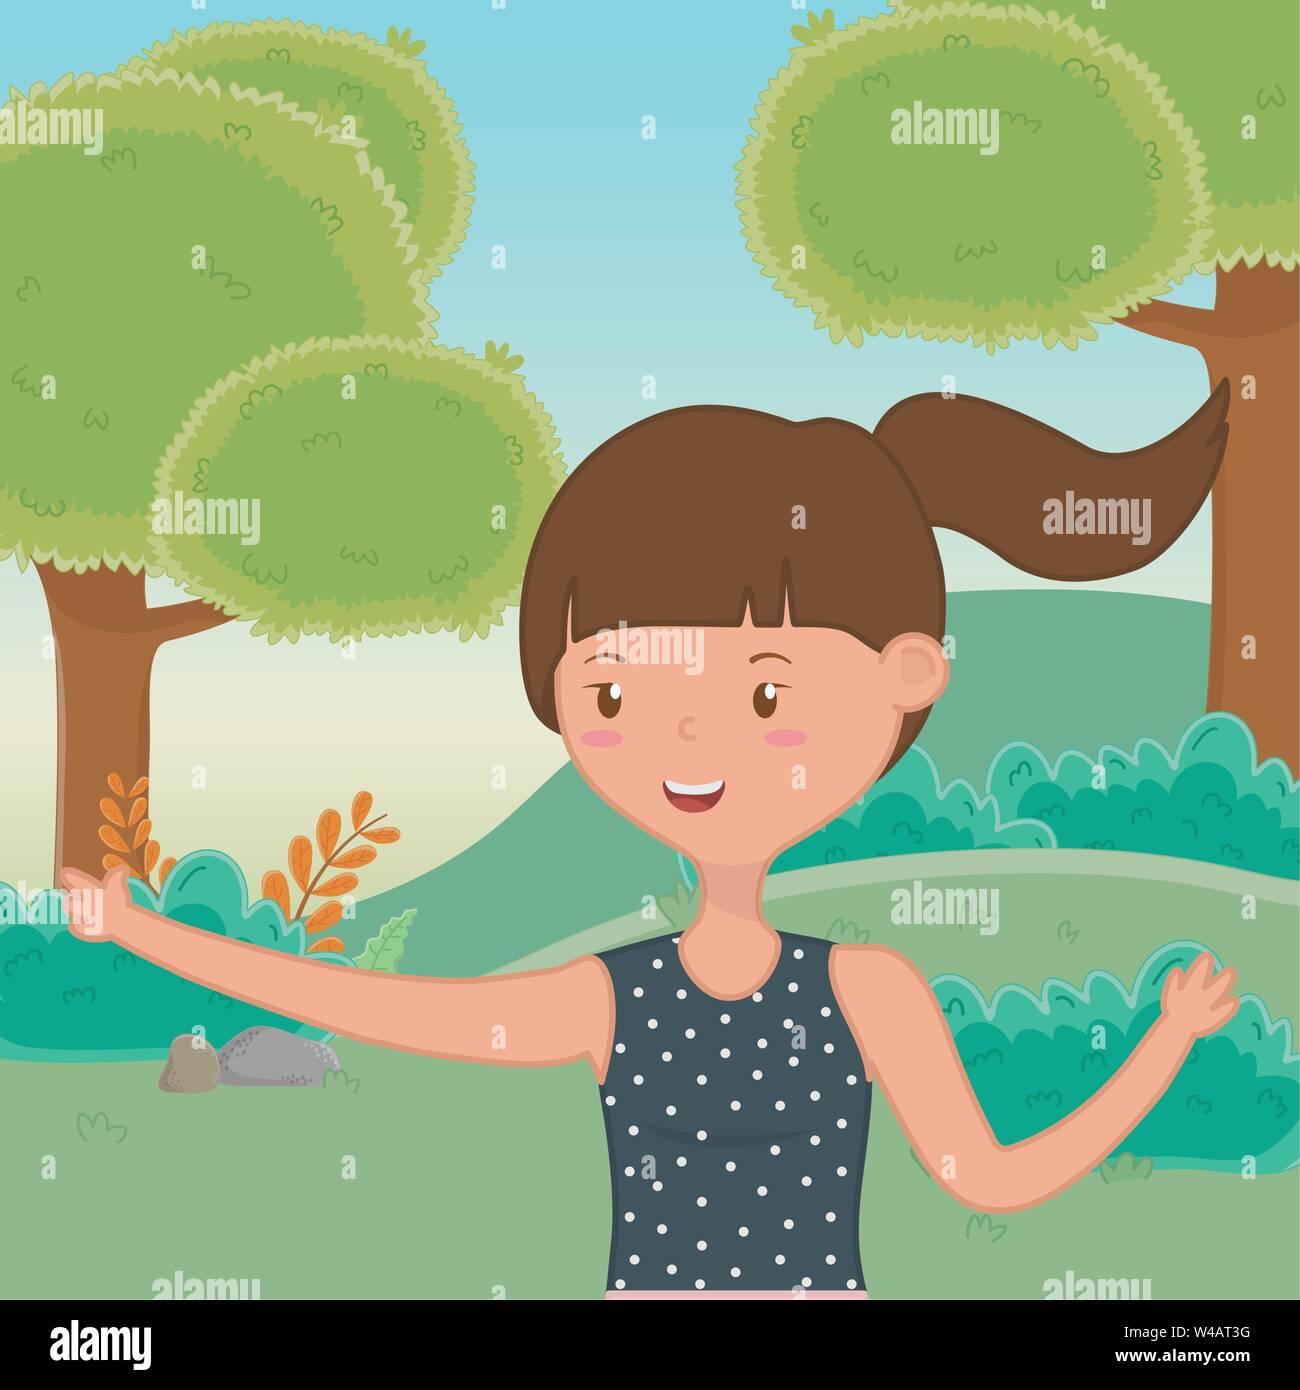 Ragazza adolescente design, femmina gente giovane adolescente bella e donna tema illustrazione vettoriale Immagini Stock